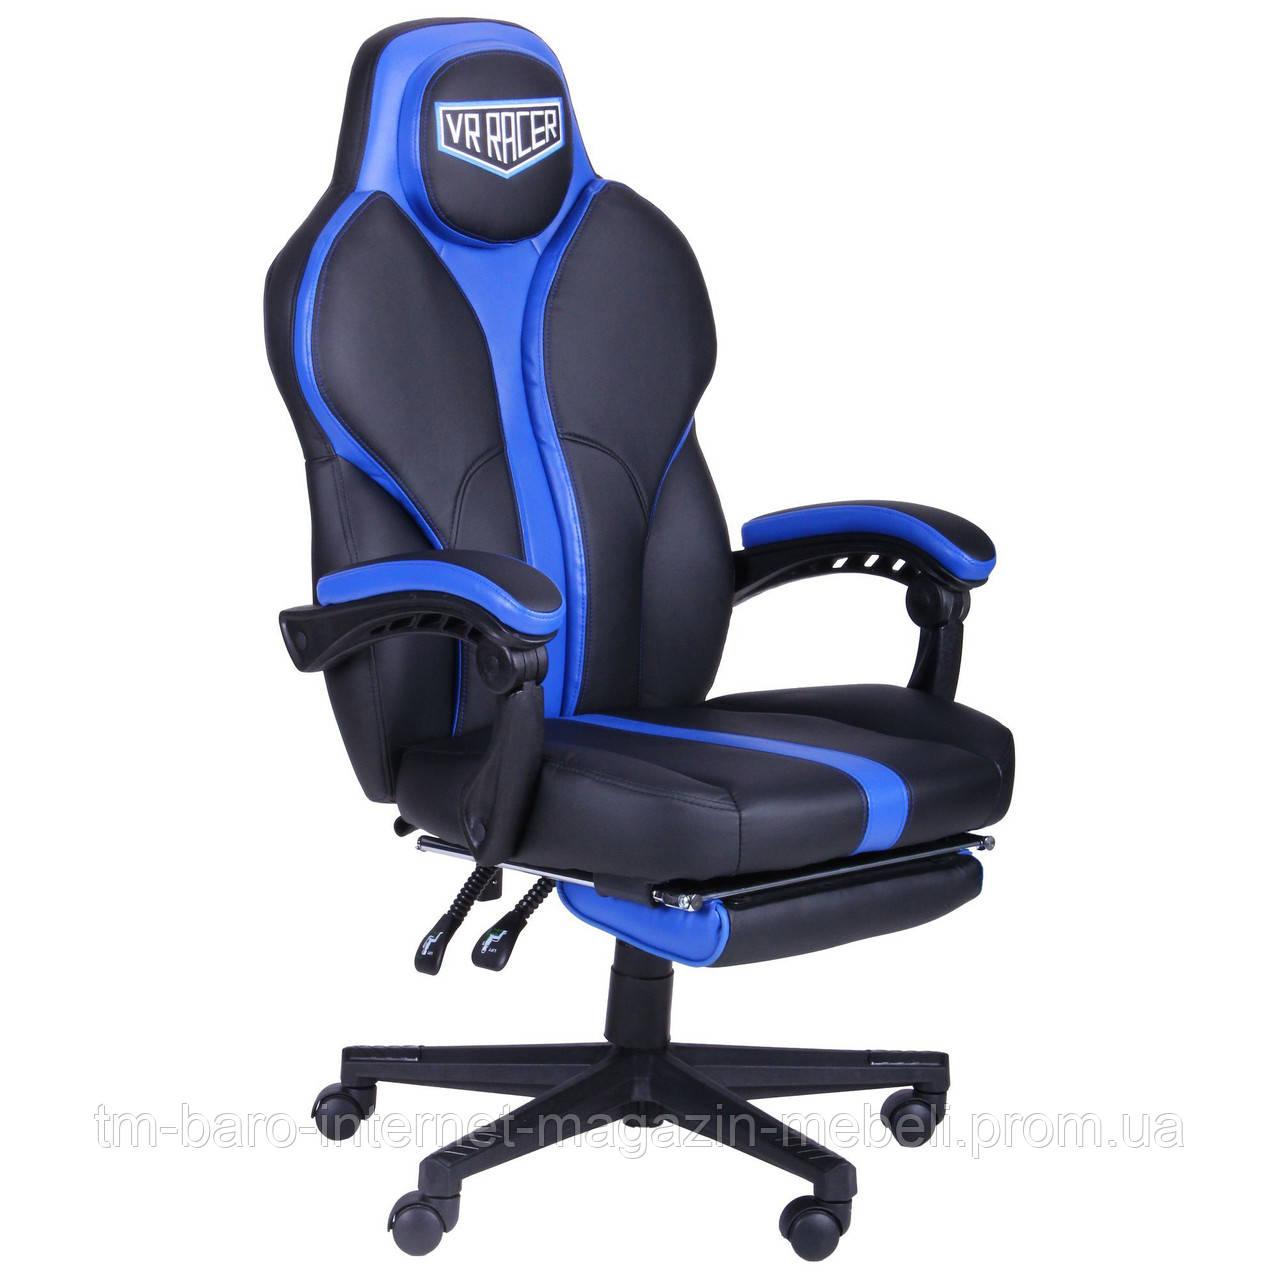 Кресло VR Racer Edge Titan черный/синий, Бесплатная доставка